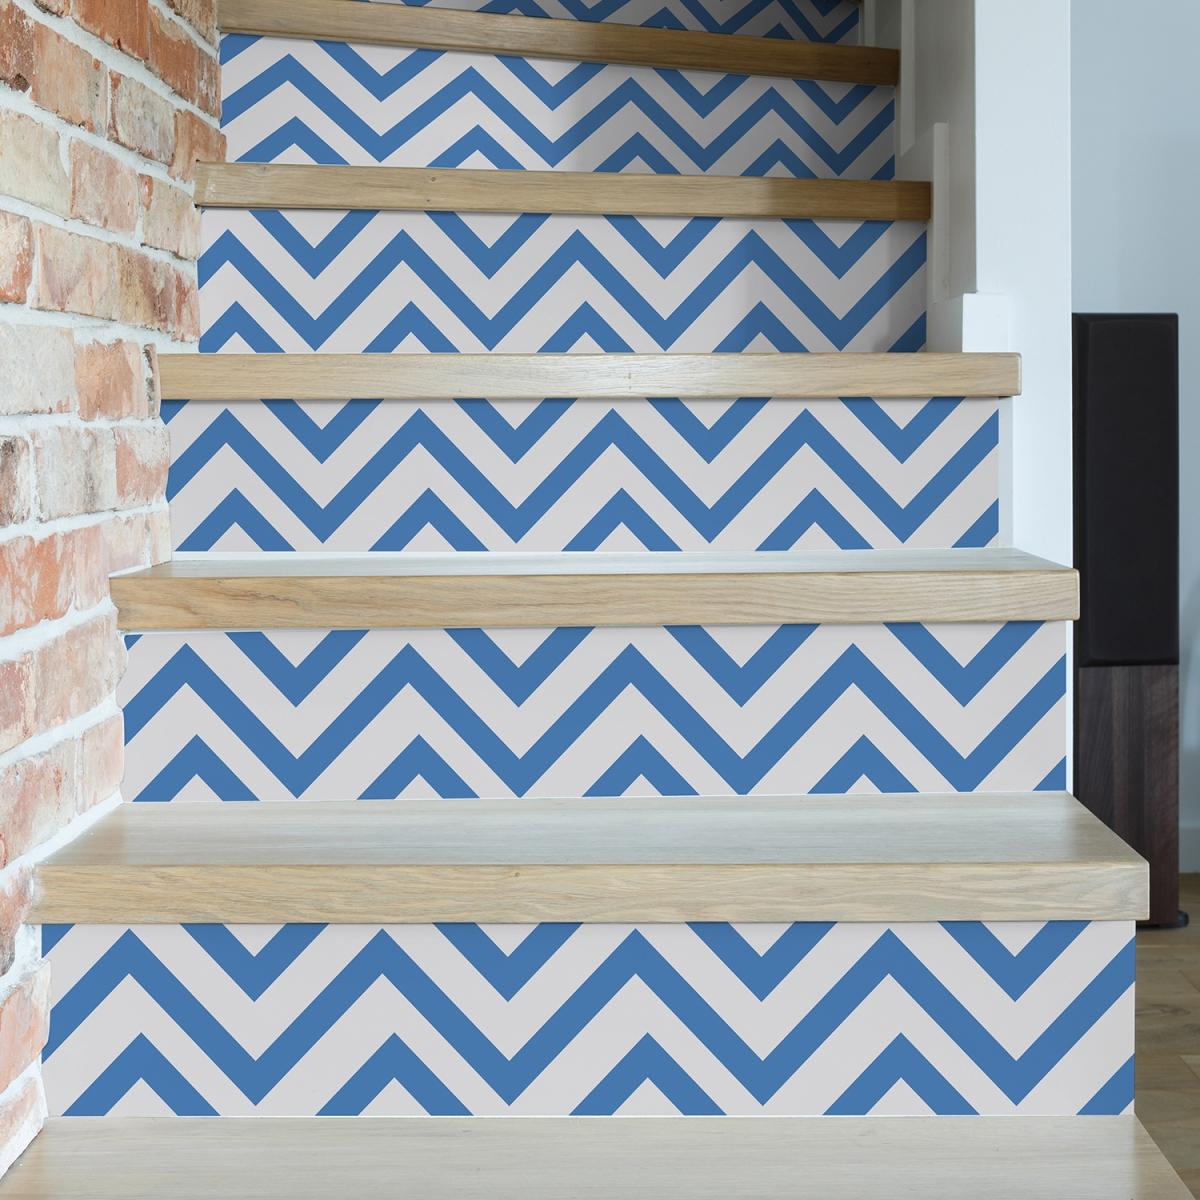 Déco escalier avec contremarche d'escalier adhésives aux chevrons bleu et blanc - Déco marine